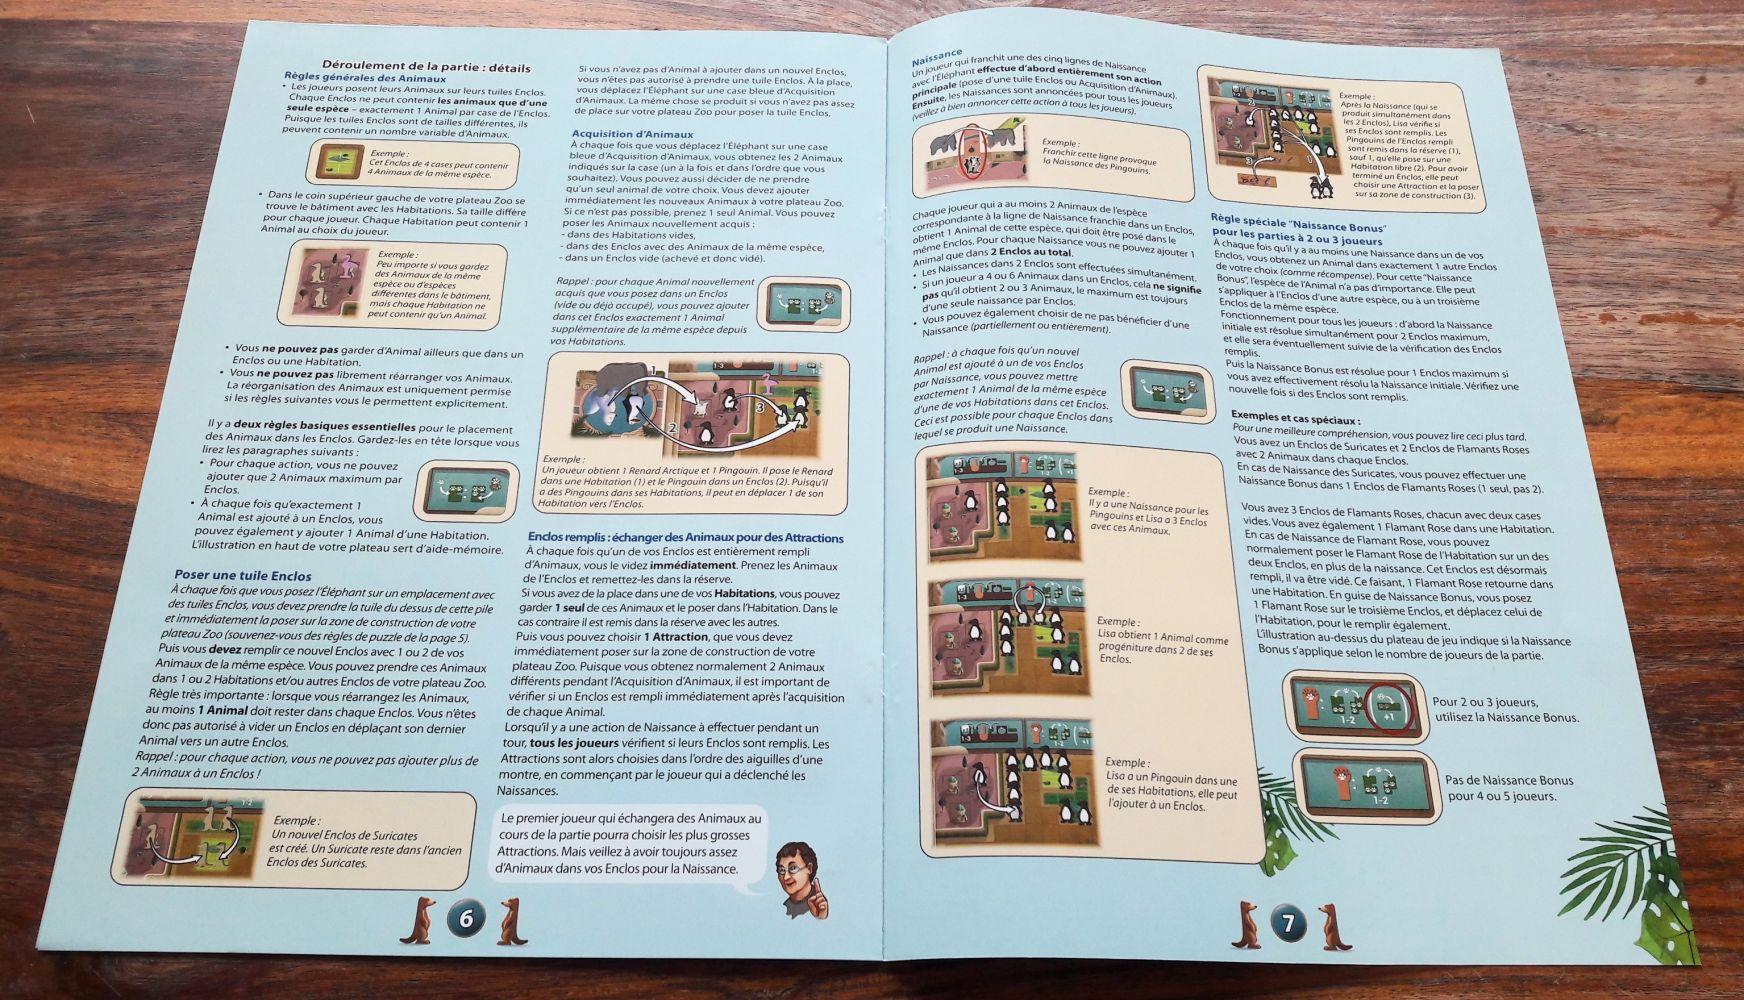 Un livret de règles complet très allemand avec des mises en avant bien utiles des points de règles clés.